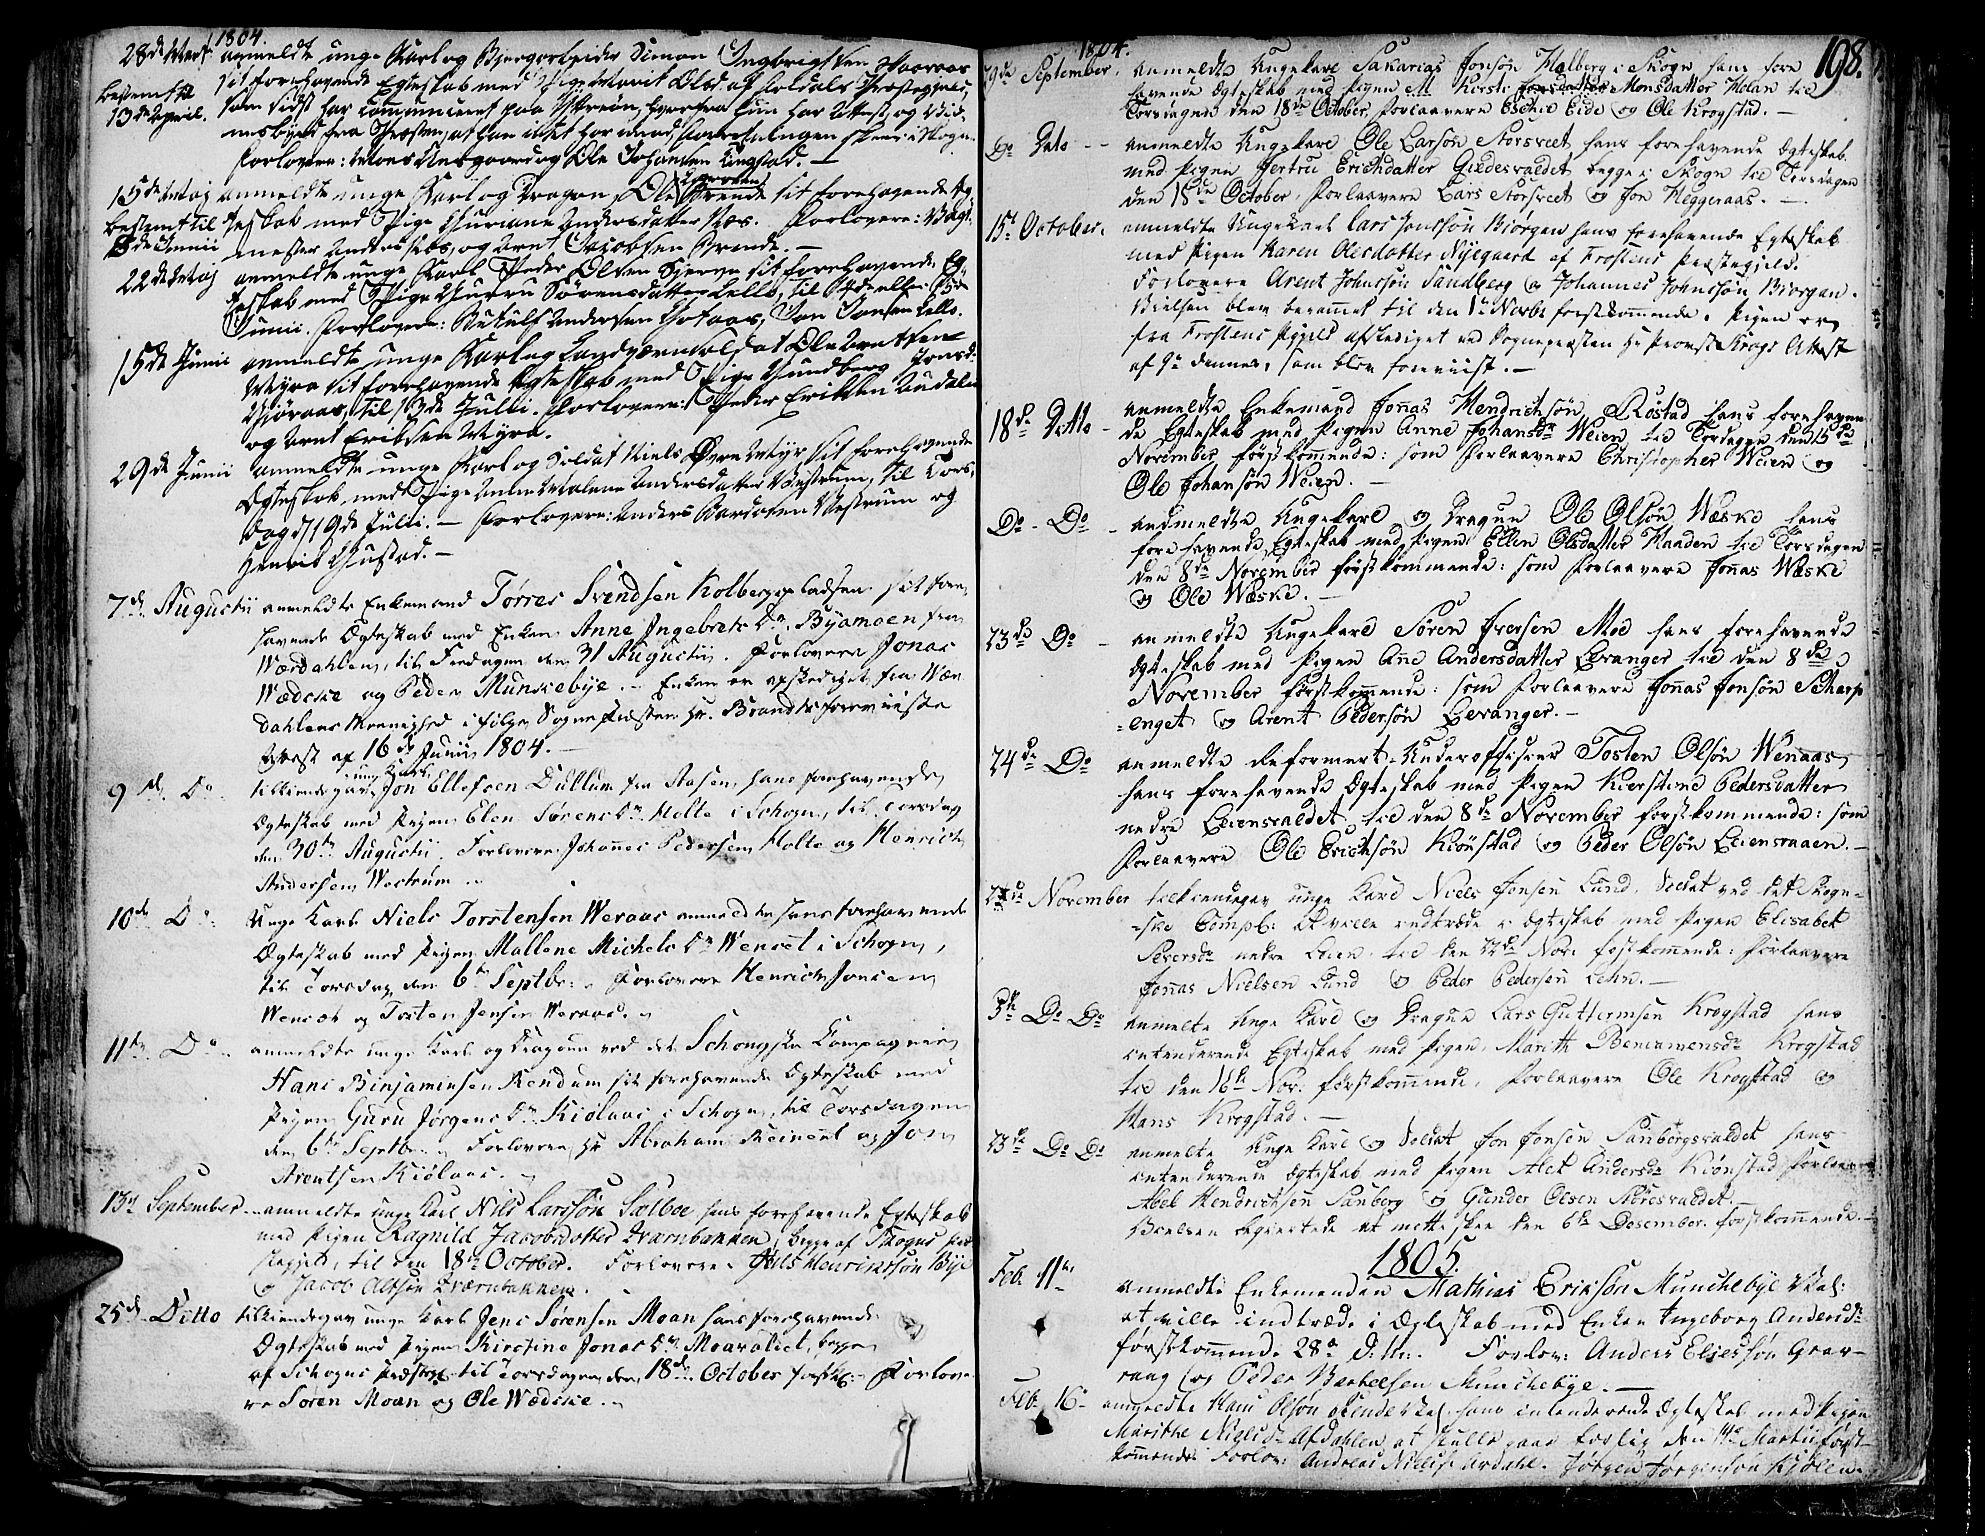 SAT, Ministerialprotokoller, klokkerbøker og fødselsregistre - Nord-Trøndelag, 717/L0142: Ministerialbok nr. 717A02 /1, 1783-1809, s. 198